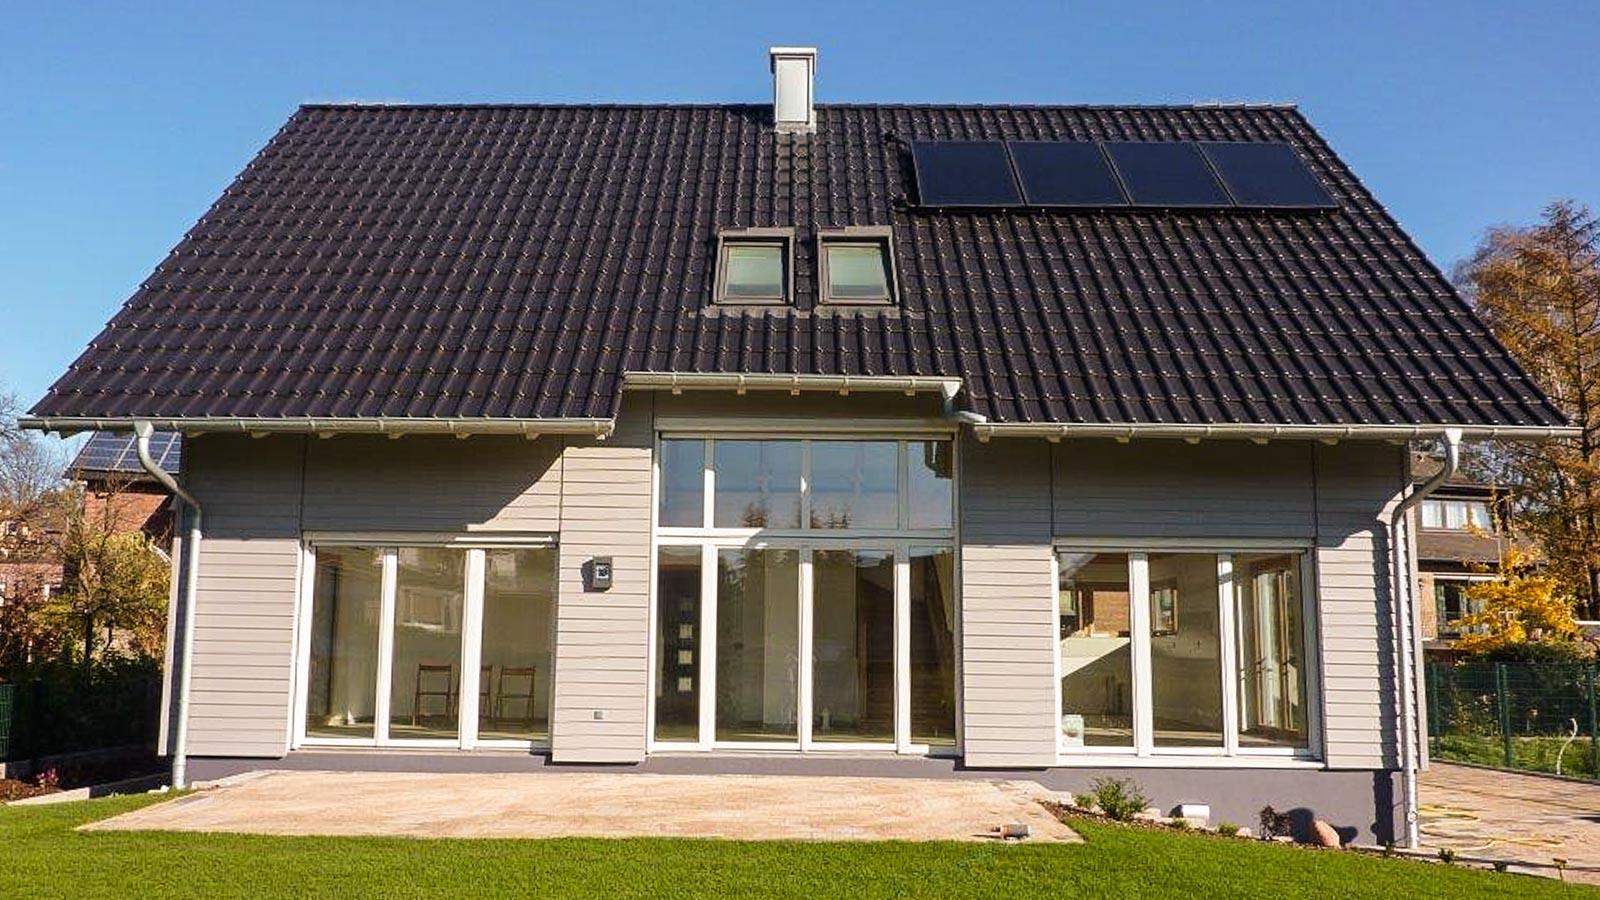 Ansicht eines Einfamilienhauses mit Terrasse und Garten